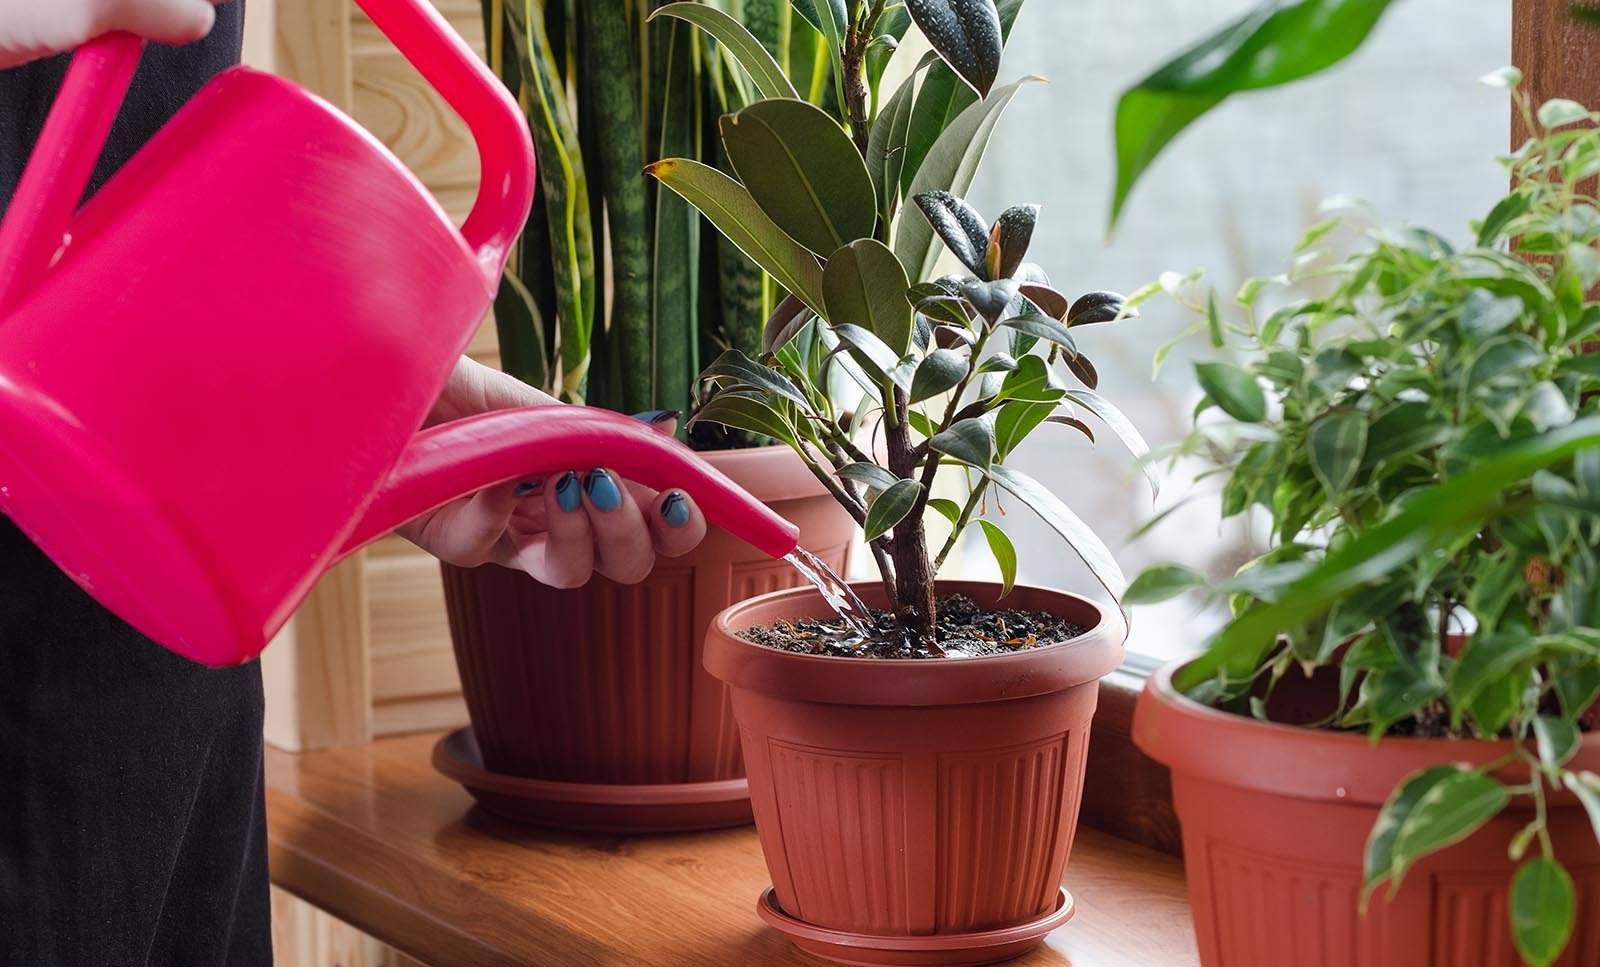 Как выращивать и ухаживать за домашним цветком фикусом: грунт, полив, размножение